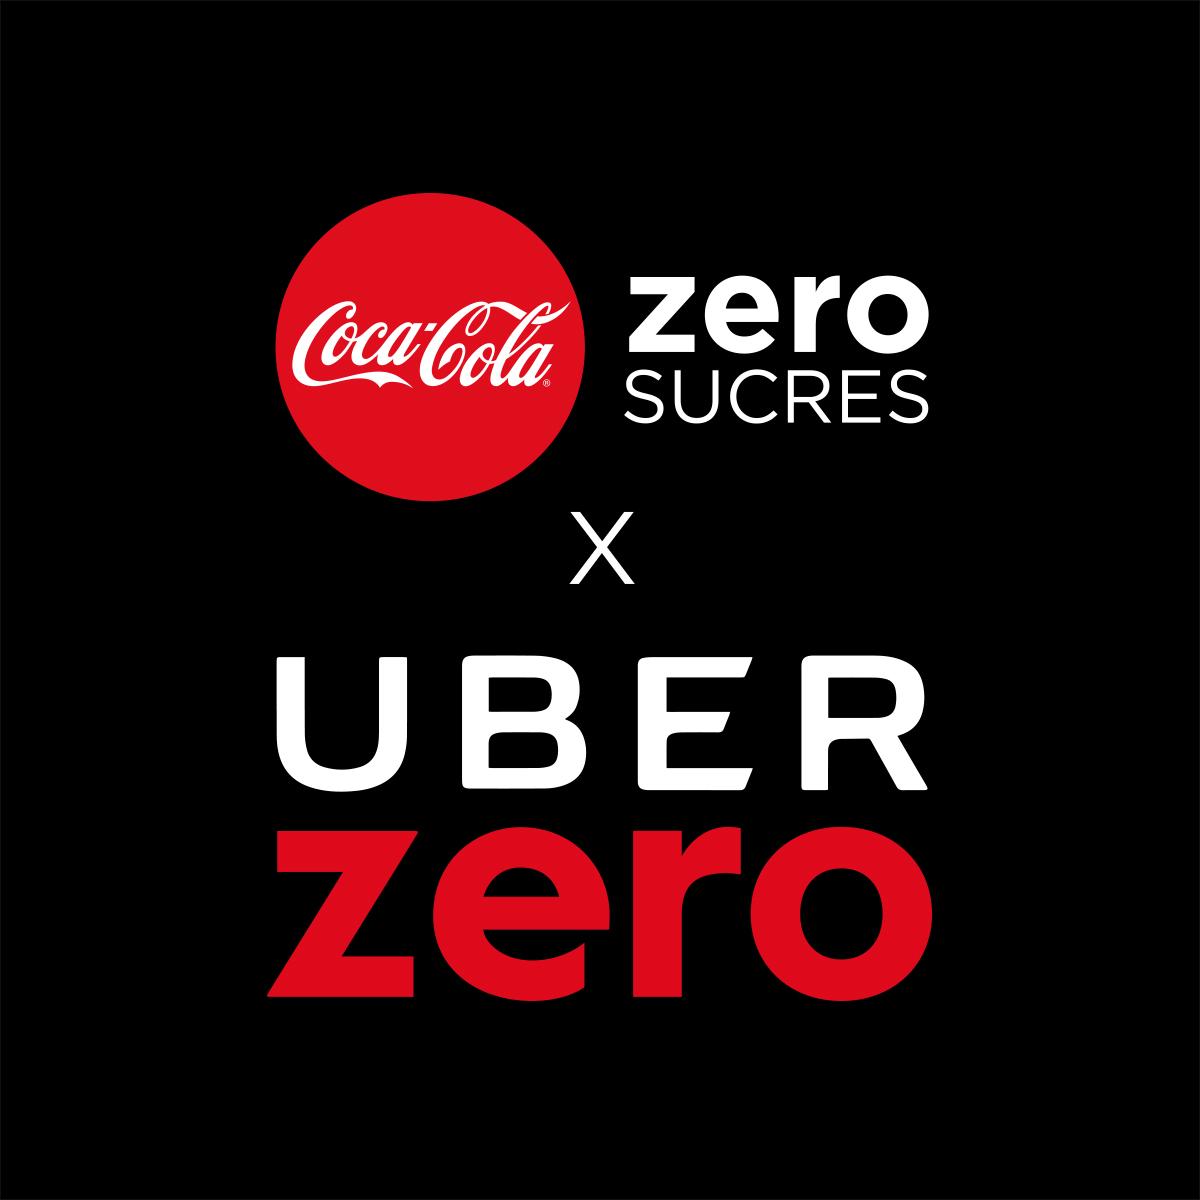 Coca-Cola - UberZero